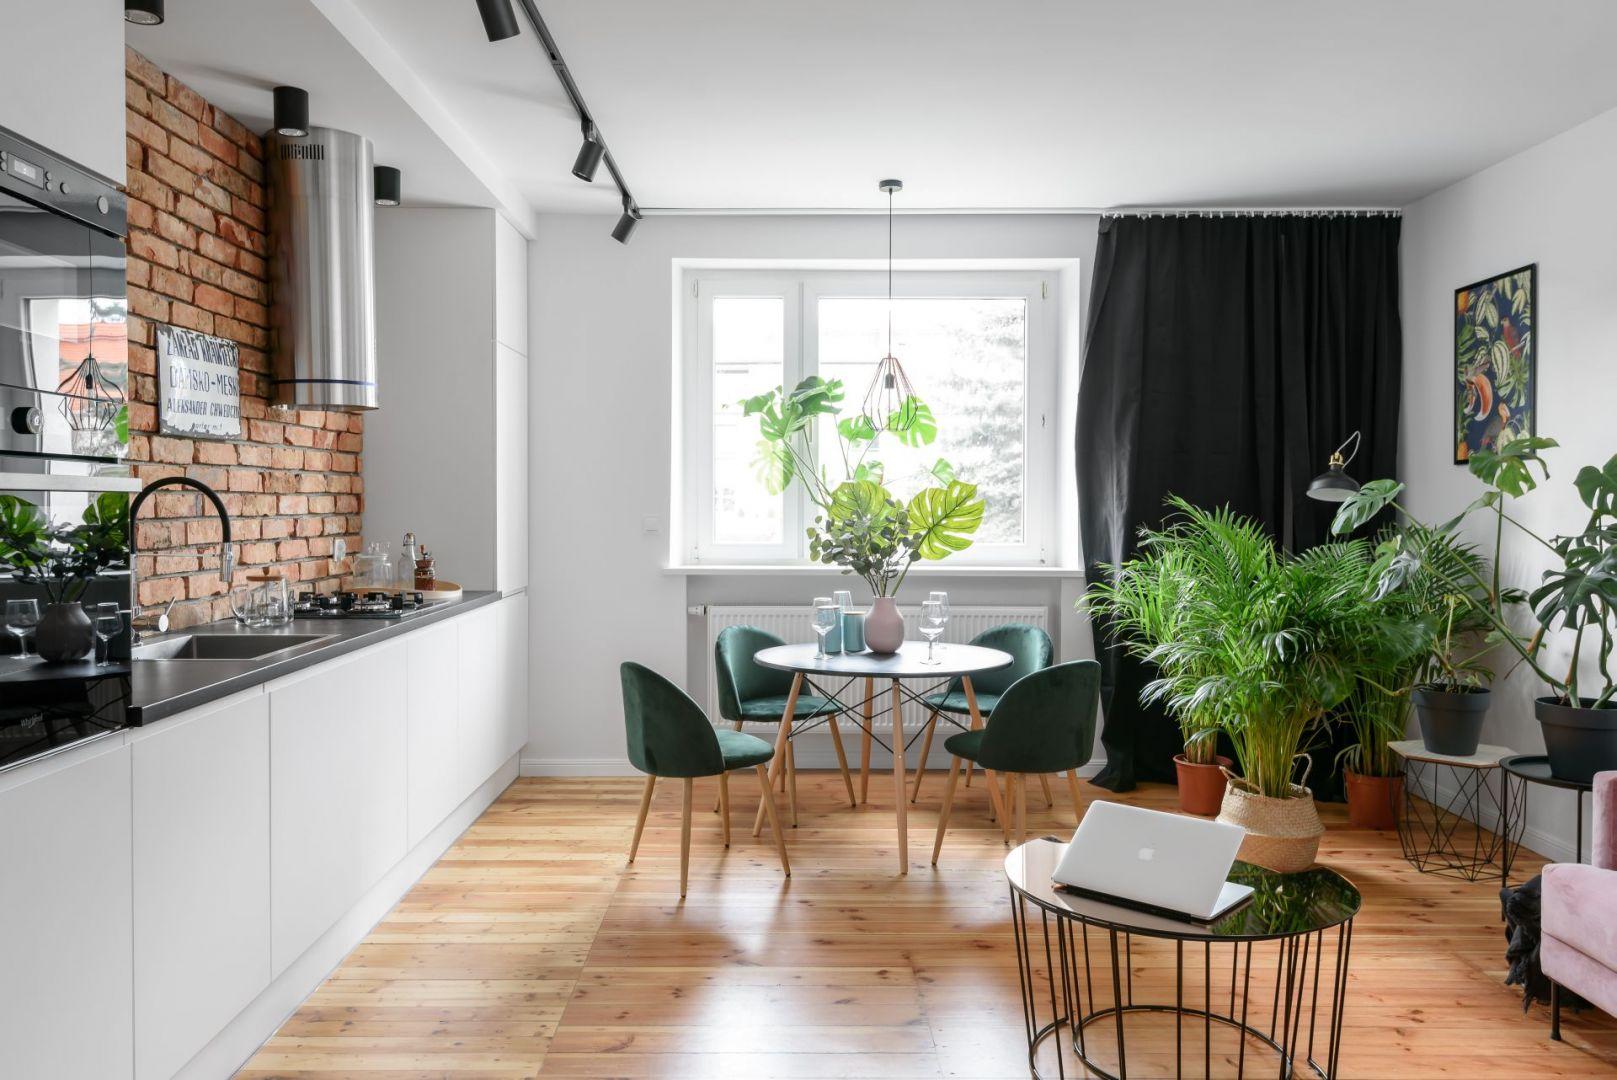 Mała kuchnia w formie aneksu. Projekt Magdalena i Robert Scheitza, pracownia SHLTR Architekci.